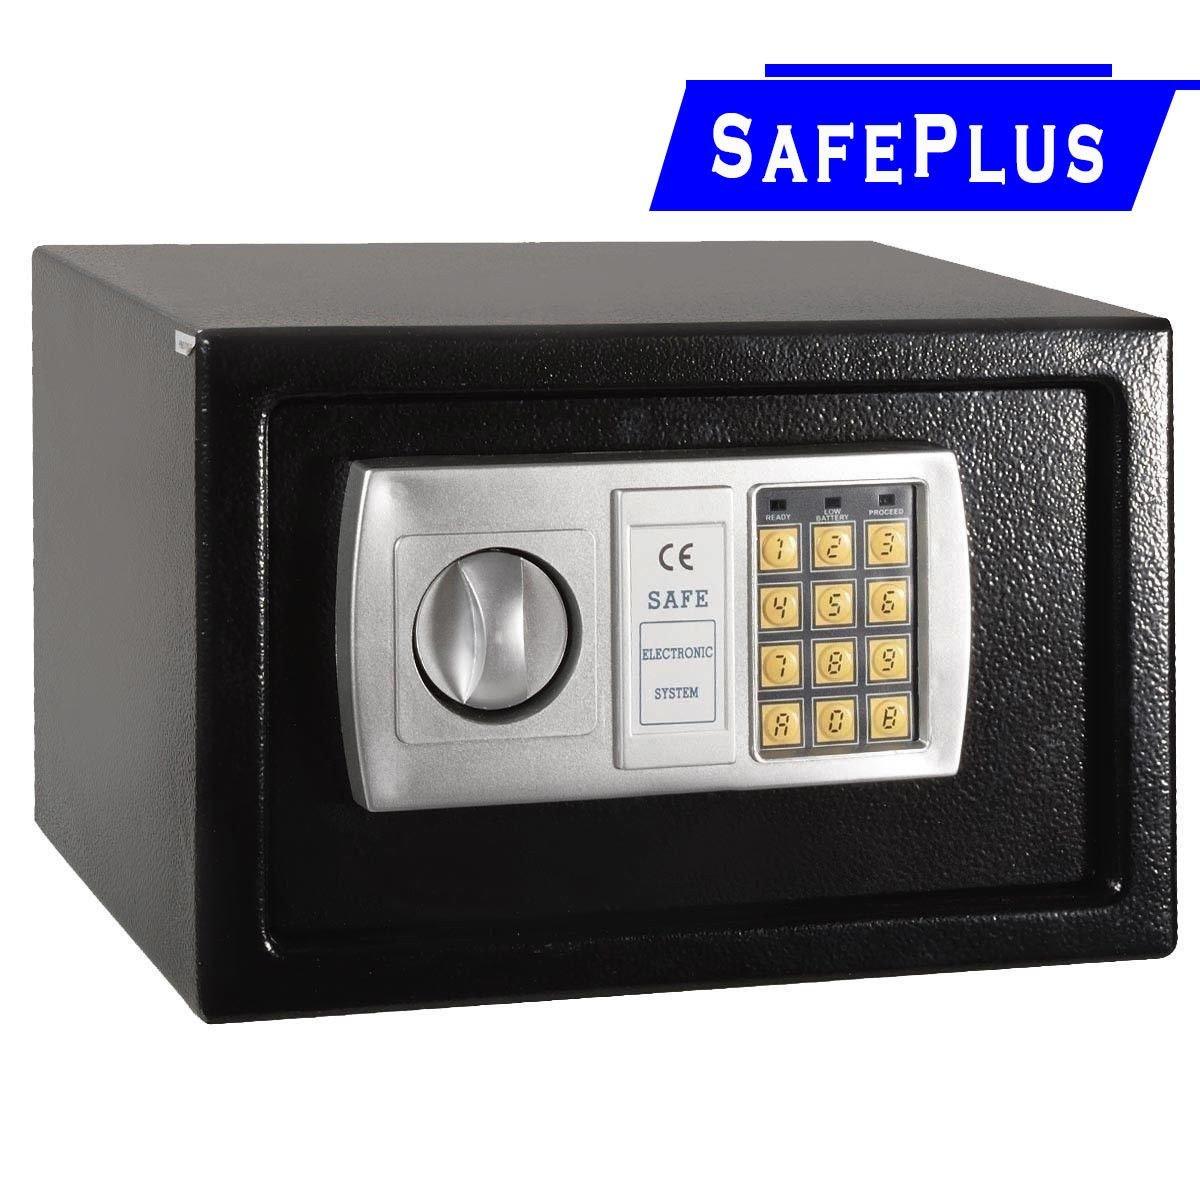 12.5インチ電子デジタルロックキーパッドセーフボックス現金ジュエリーGun Safe new-black – Constructed with 2 mm厚ソリッドスチール – が開きwithデジタルピンまたは含ま優先キー B01HGNUHSS